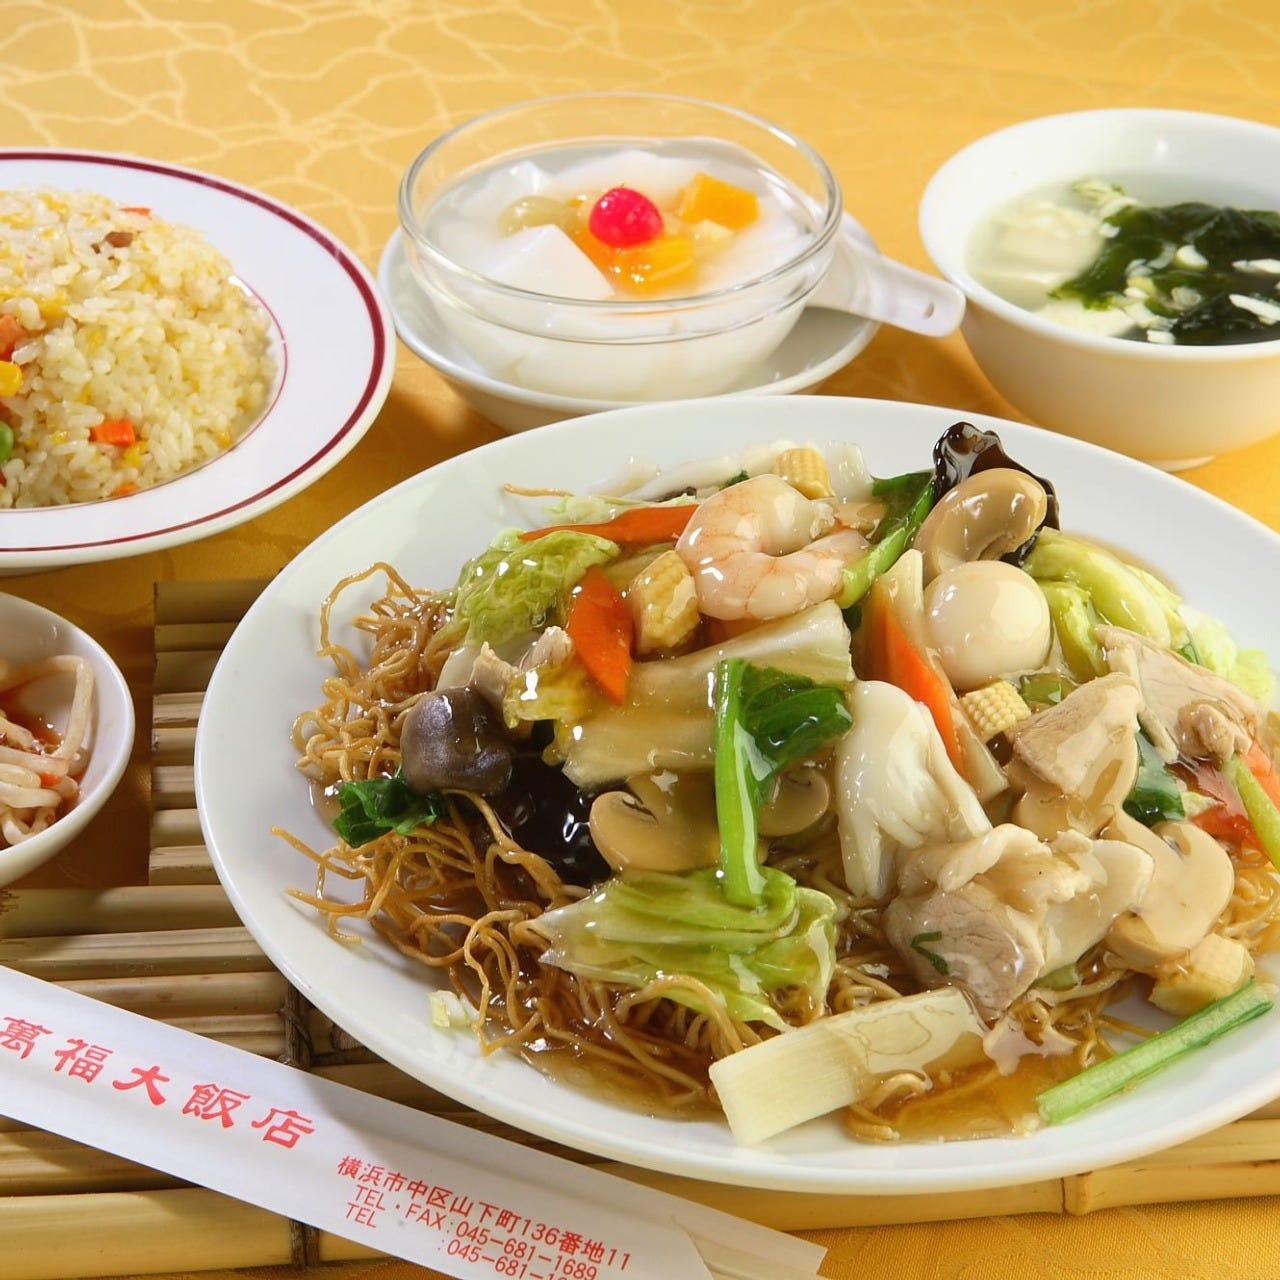 ランチ五目あんかけやきそば半チャーハン小皿スープ杏仁豆腐付